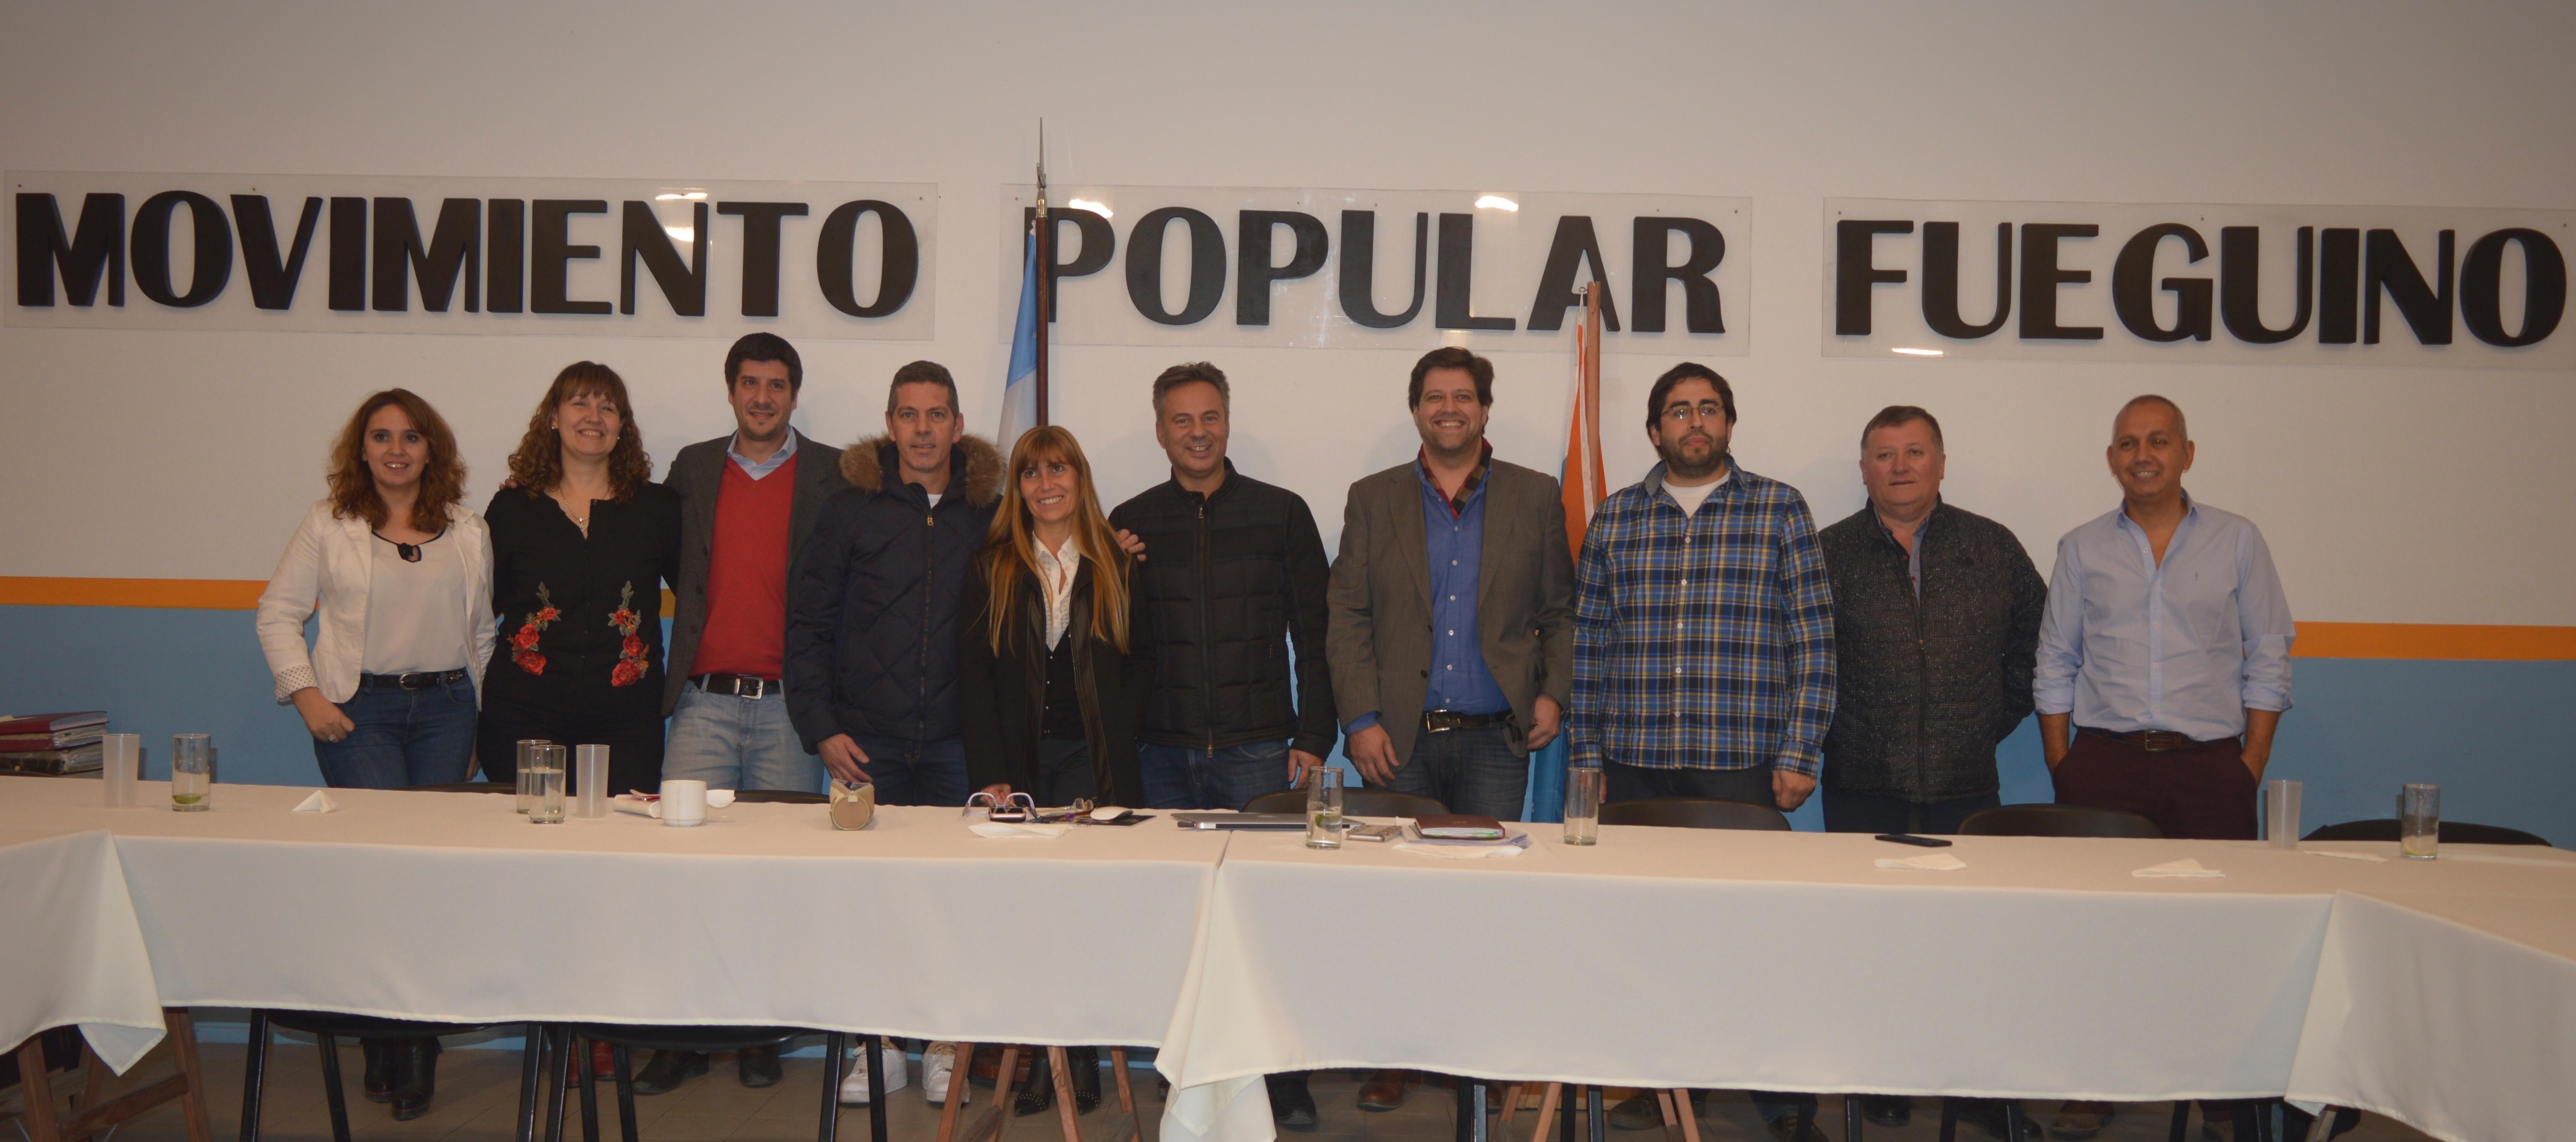 Primera Reunión de Convención del Movimiento Popular Fueguino